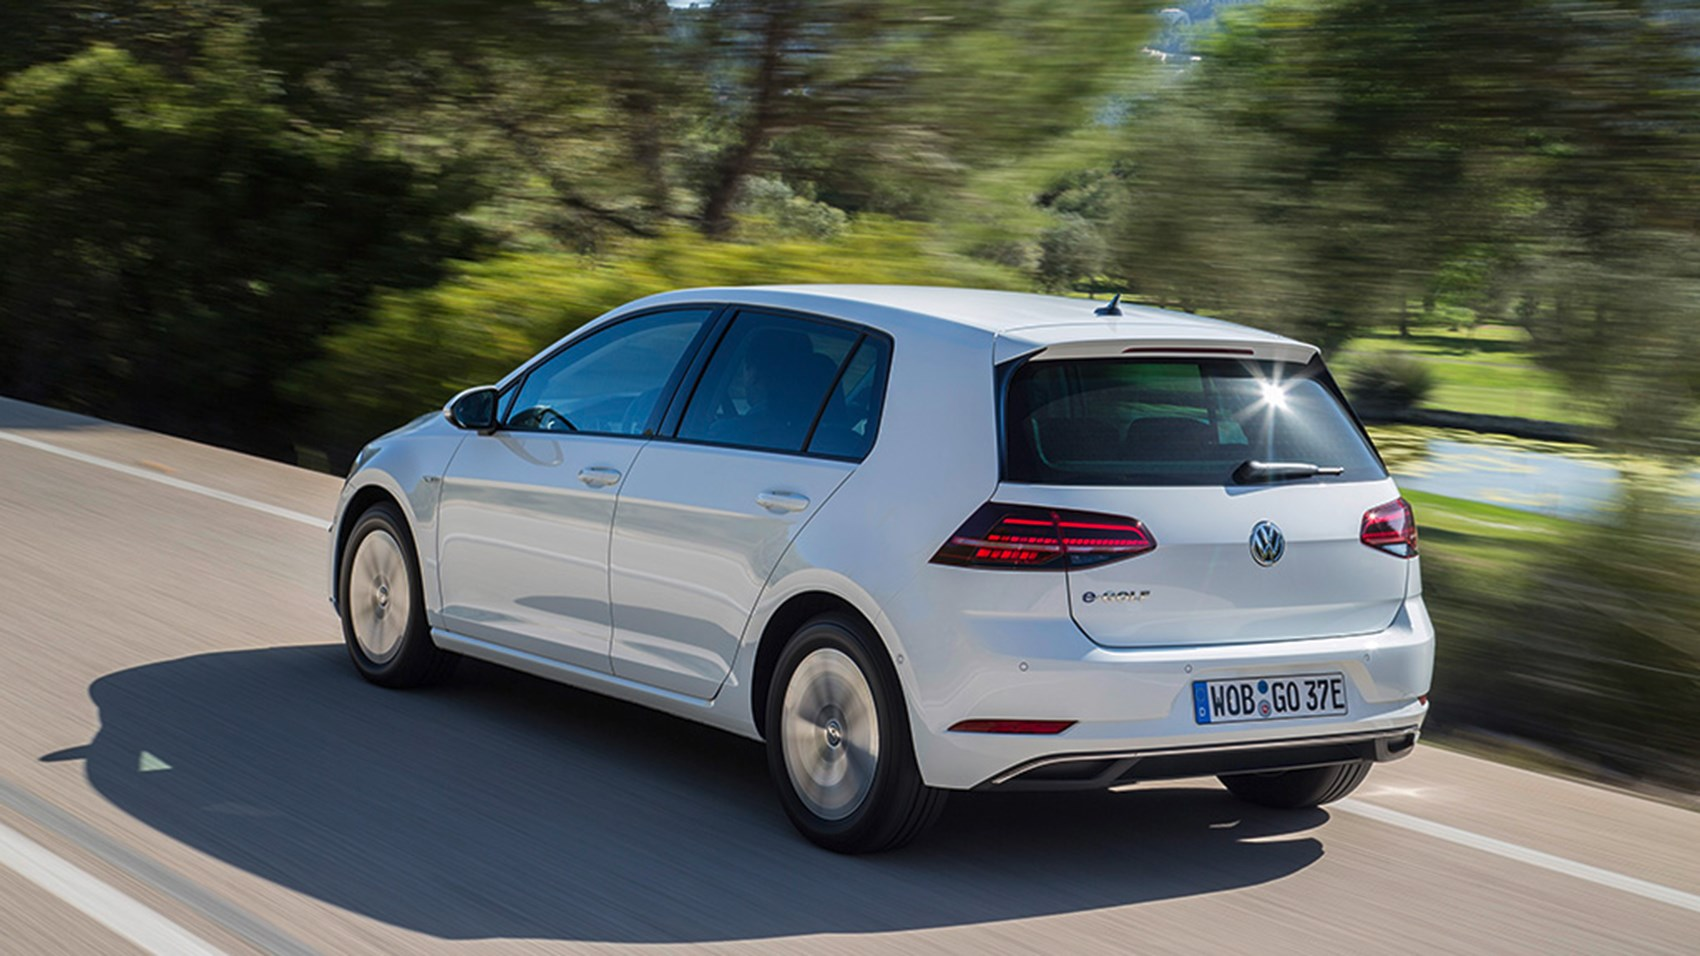 E Golf Lease >> 2017 VW e-Golf review | CAR Magazine